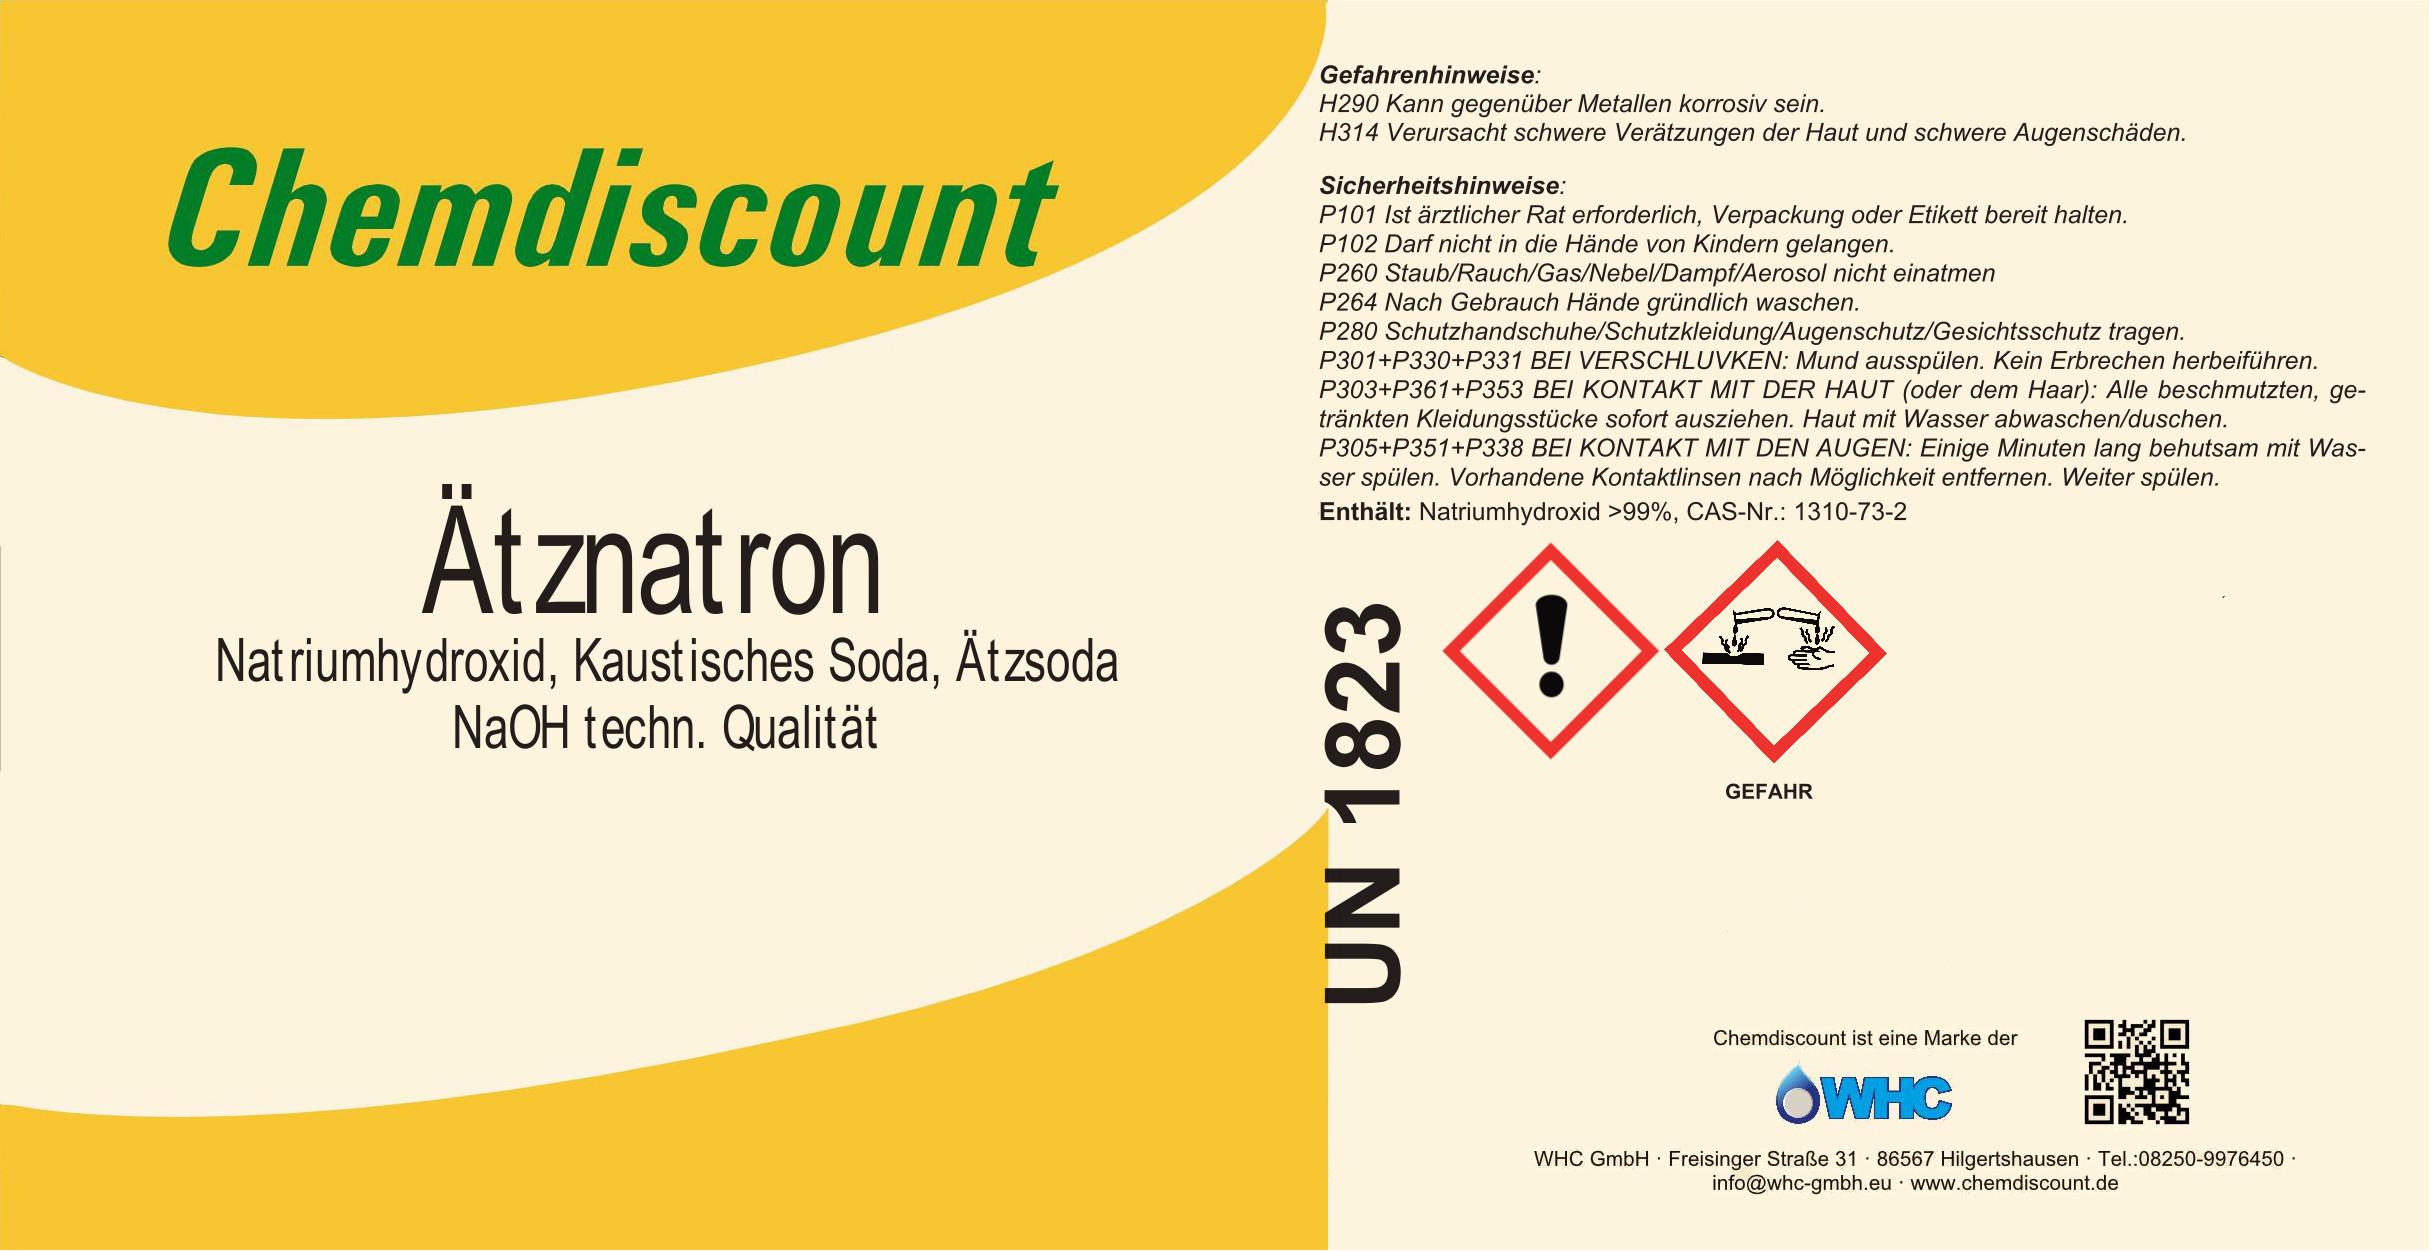 Natriumhydroxid Ätznatron kaustische Soda chemische Formel NaOH 1 kg